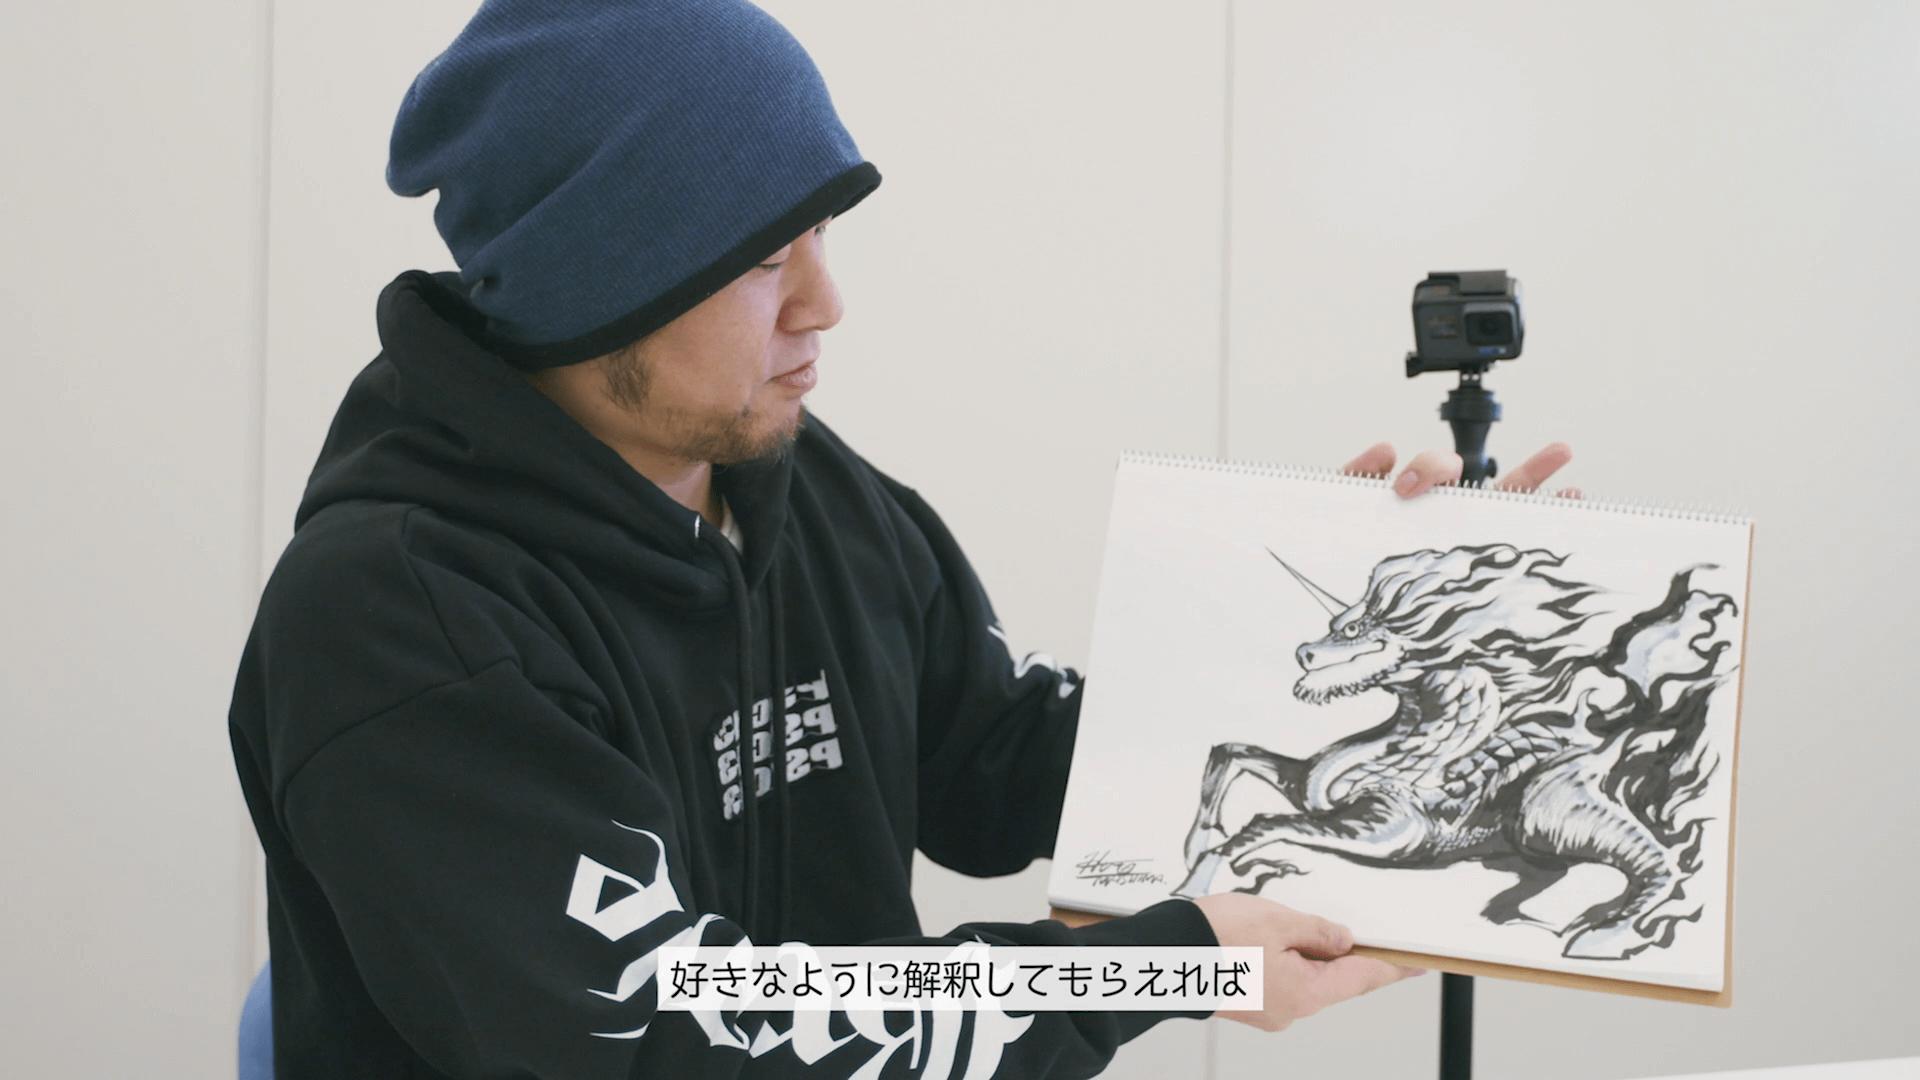 真島ヒロ先生・キリンの聖獣真剣お絵描き60分一本勝負 Mashima Hiro8